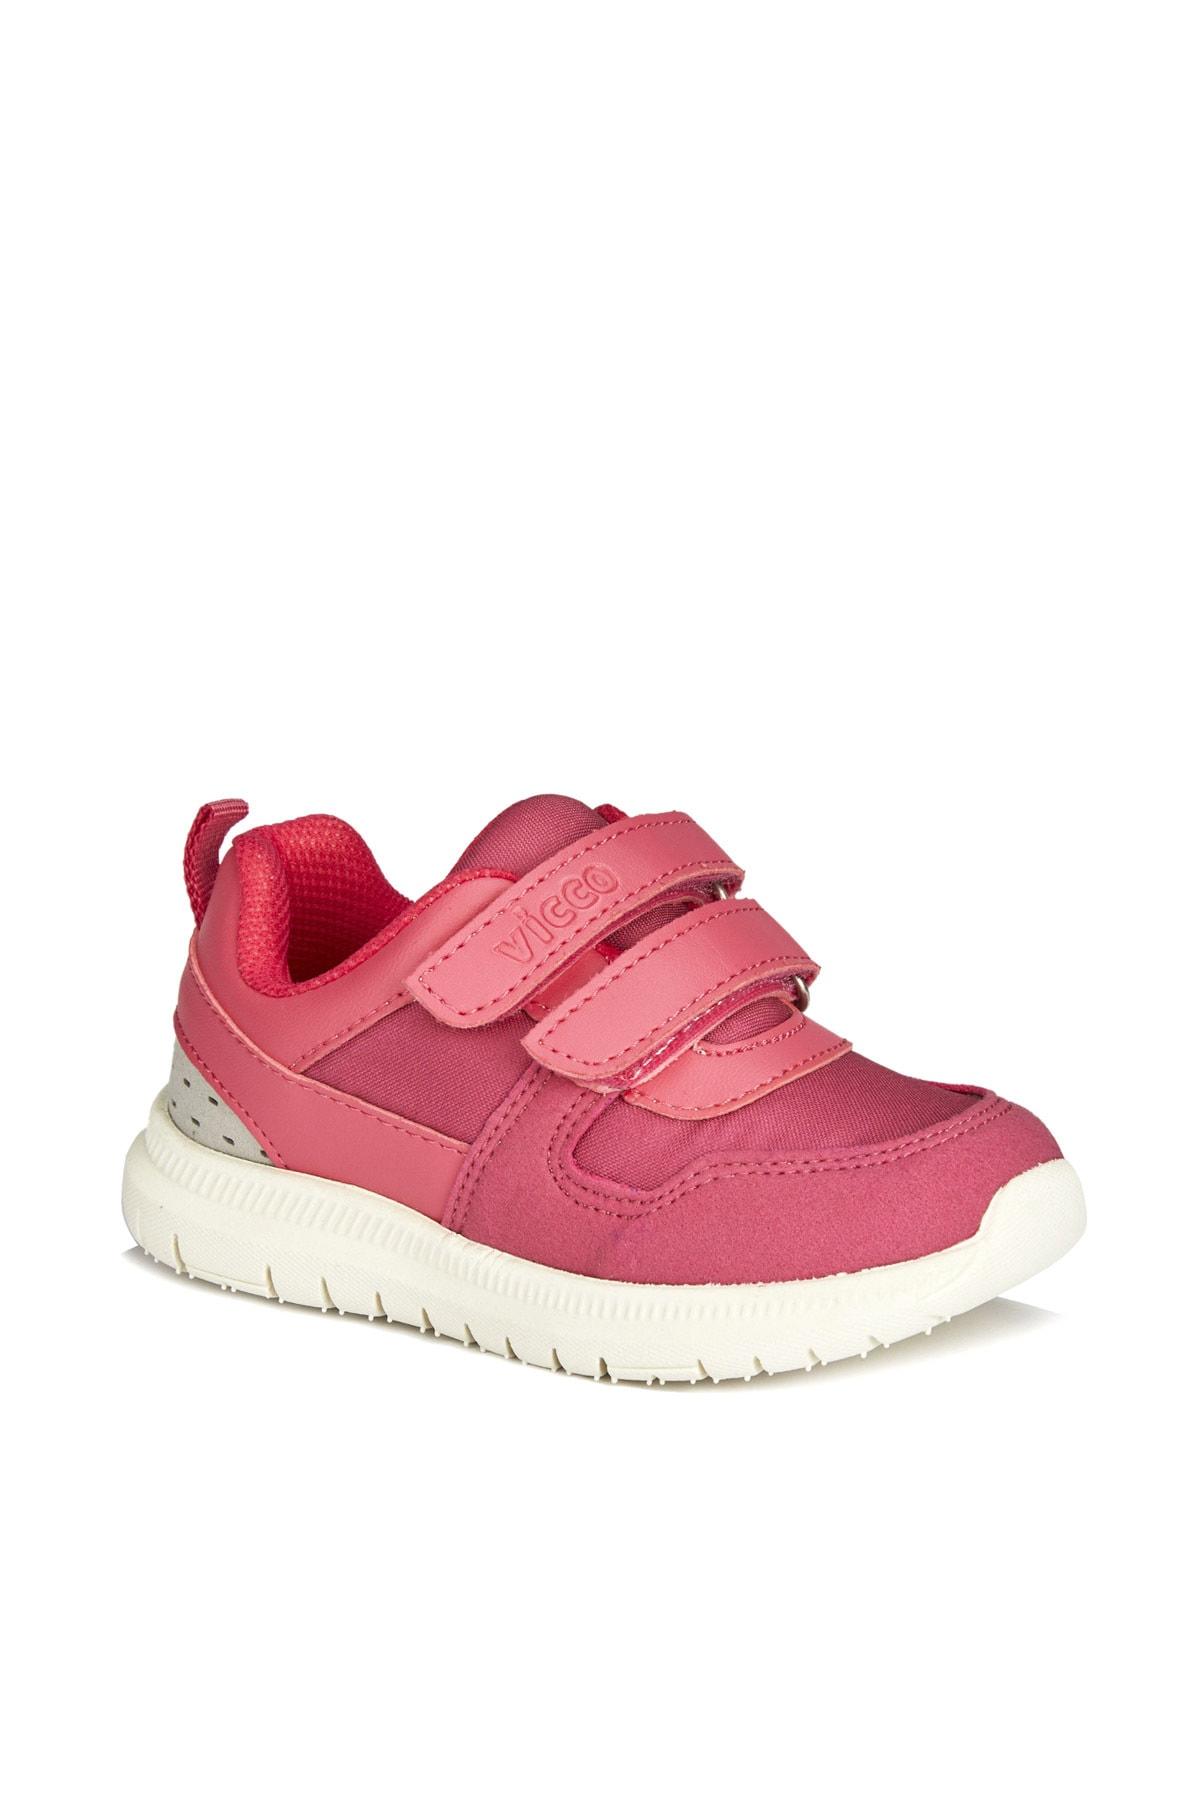 Solo Hafif Kız Bebe Fuşya Spor Ayakkabı